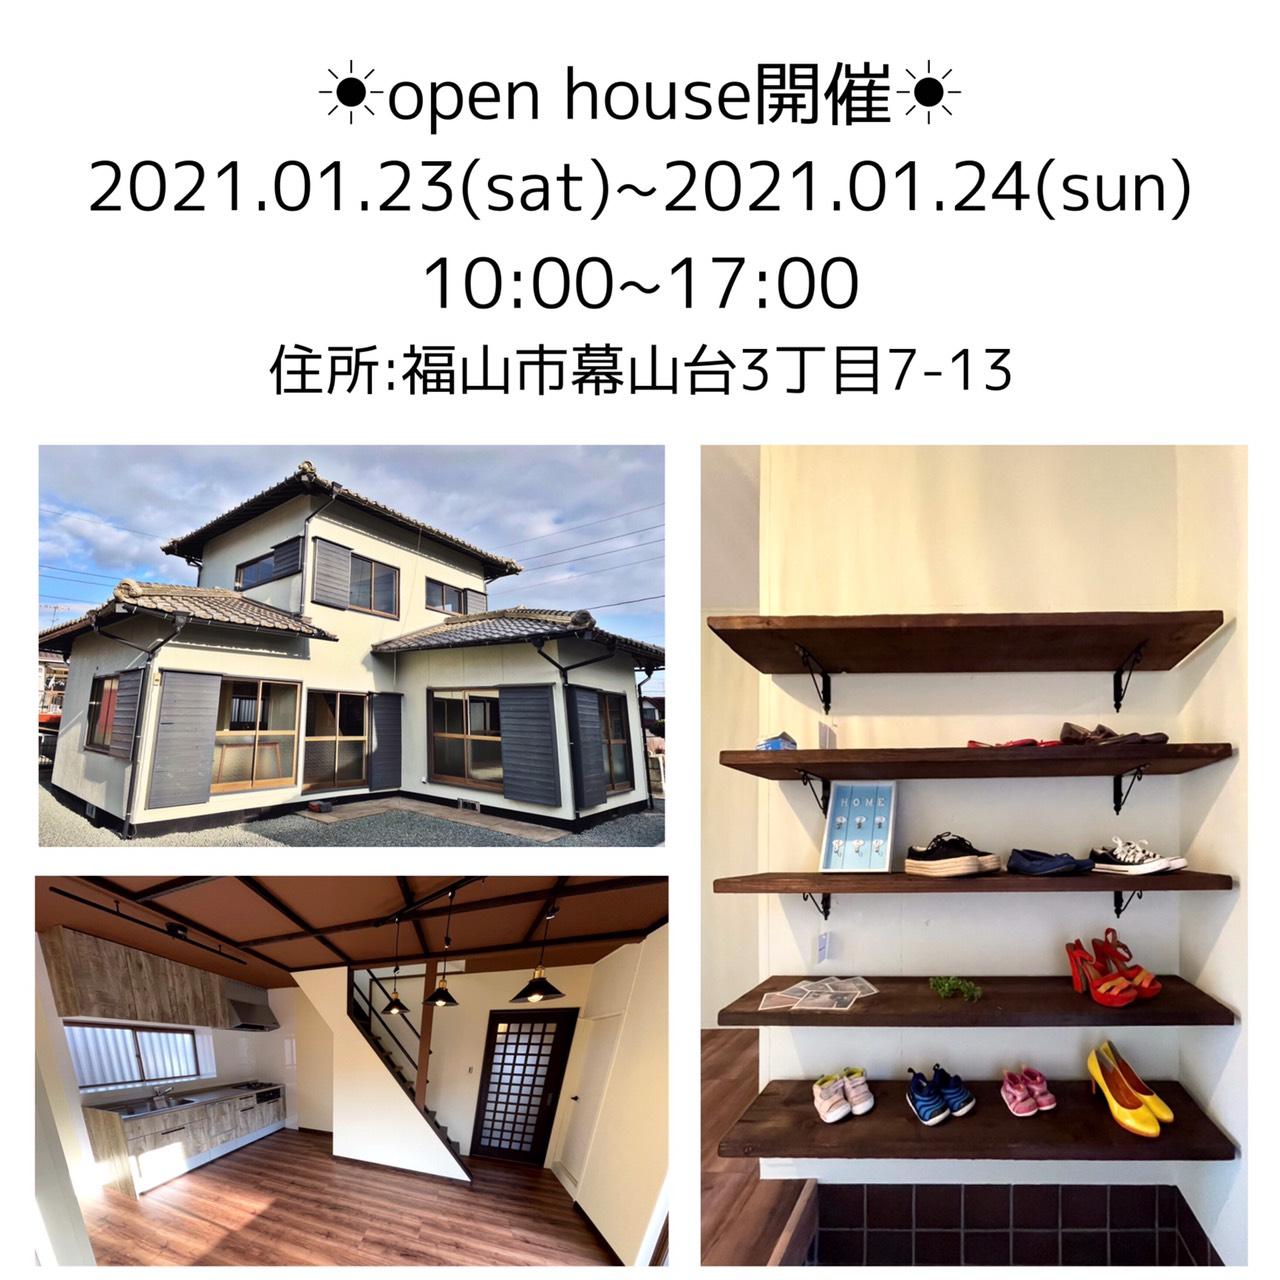 幕山台3丁目リノベーション住宅オープンハウス開催します!!